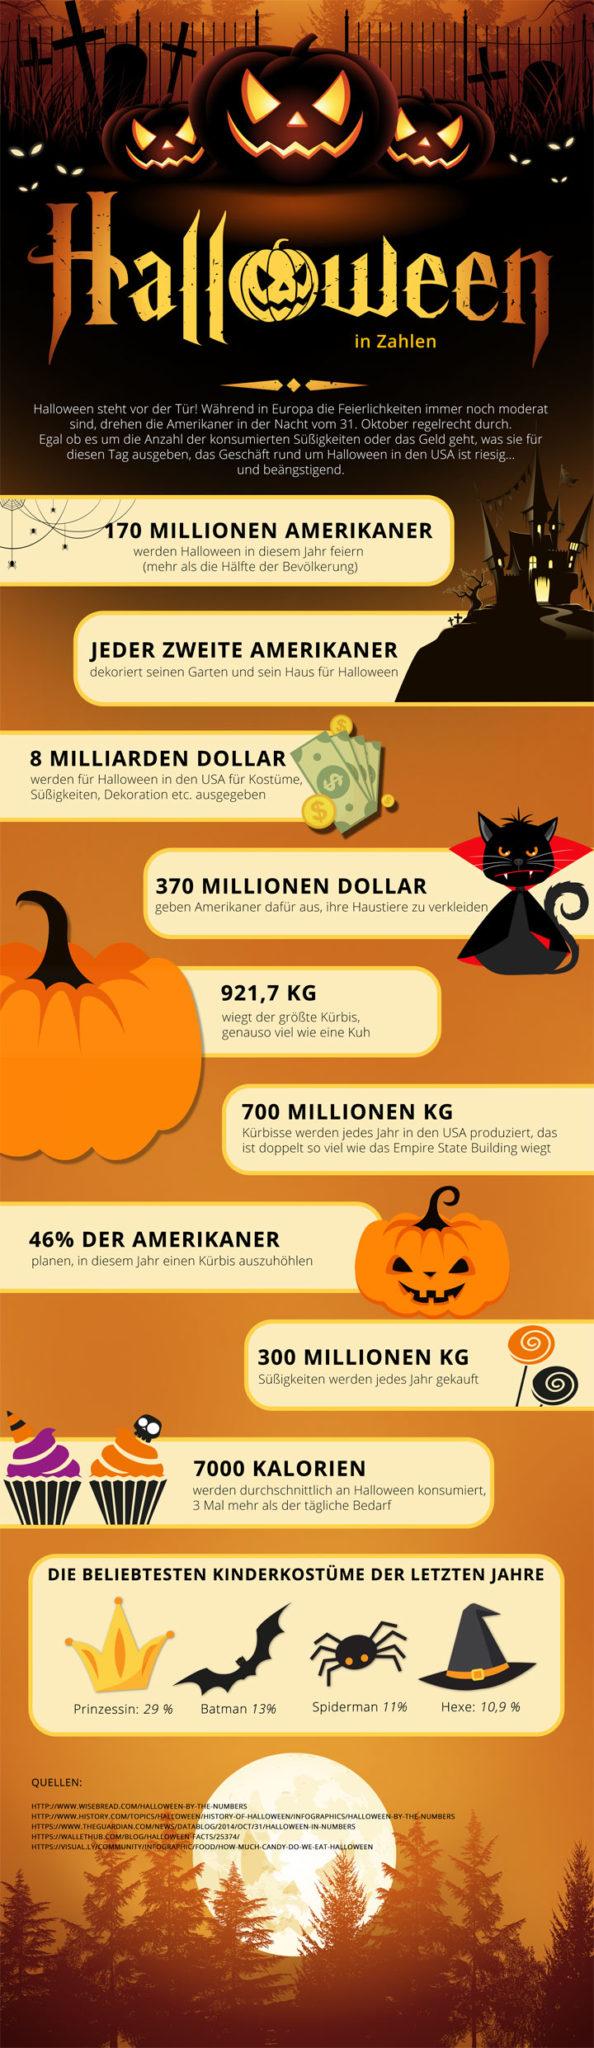 (Happy) Halloween in Zahlen